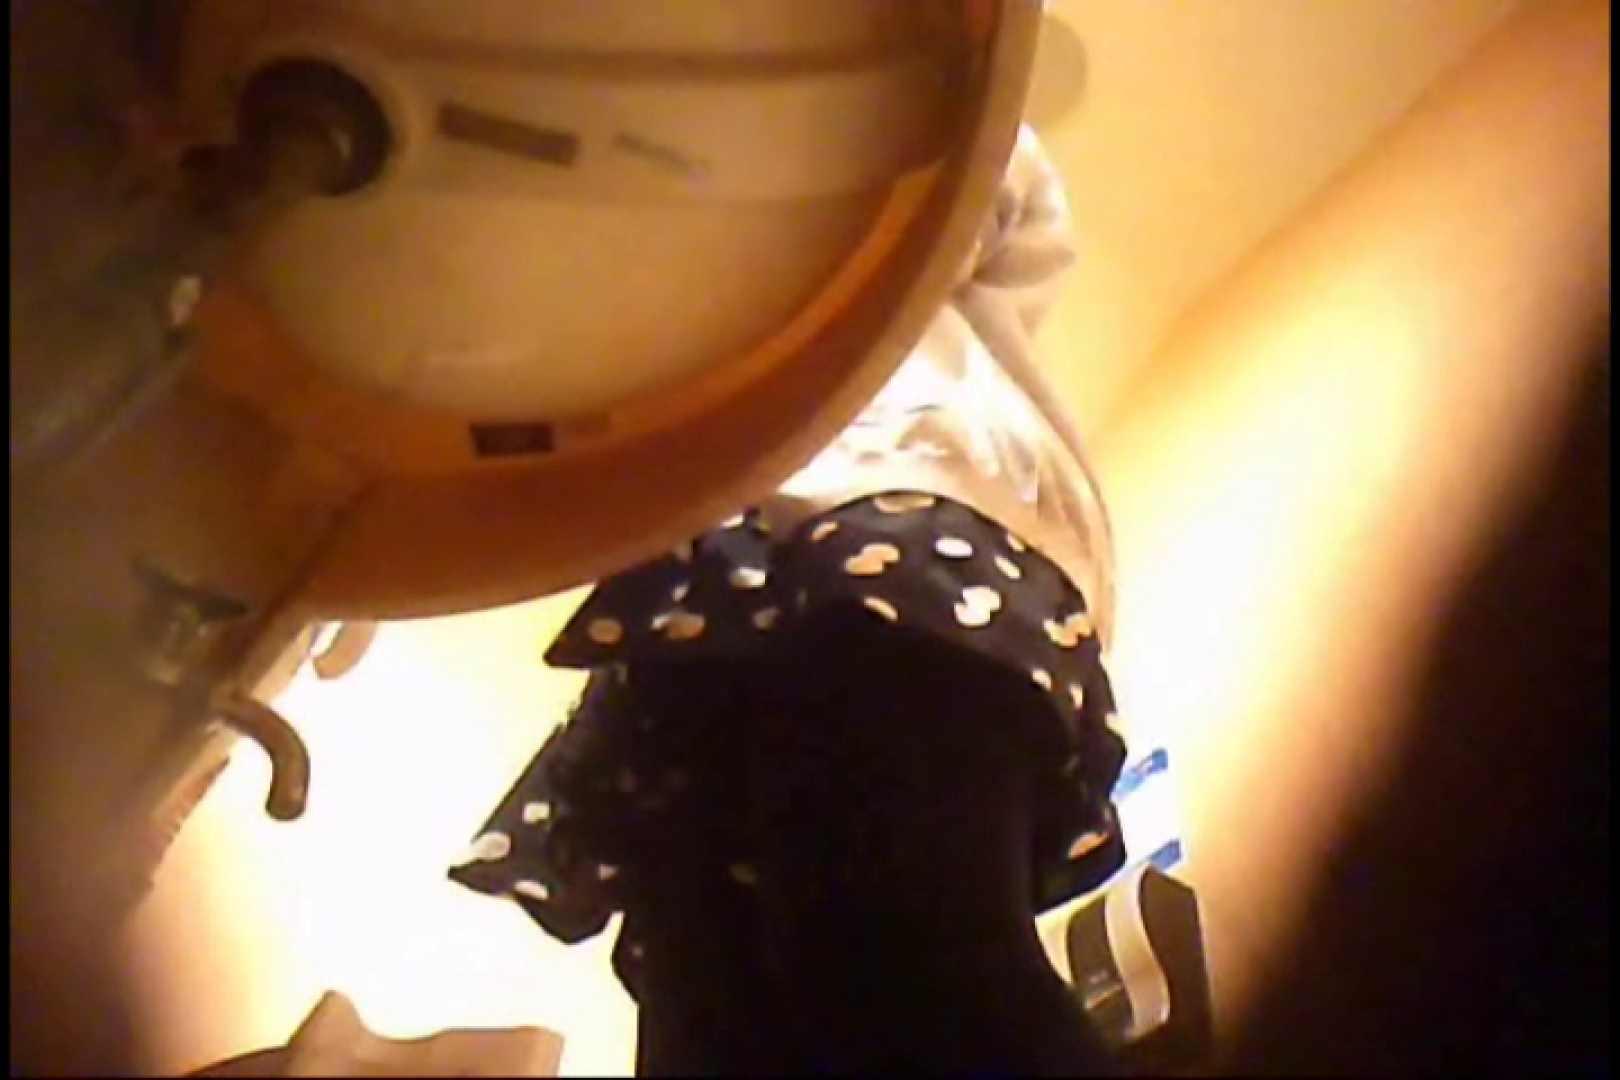 潜入!!女子化粧室盗撮~絶対見られたくない時間~vo,67 潜入 アダルト動画キャプチャ 88PIX 32